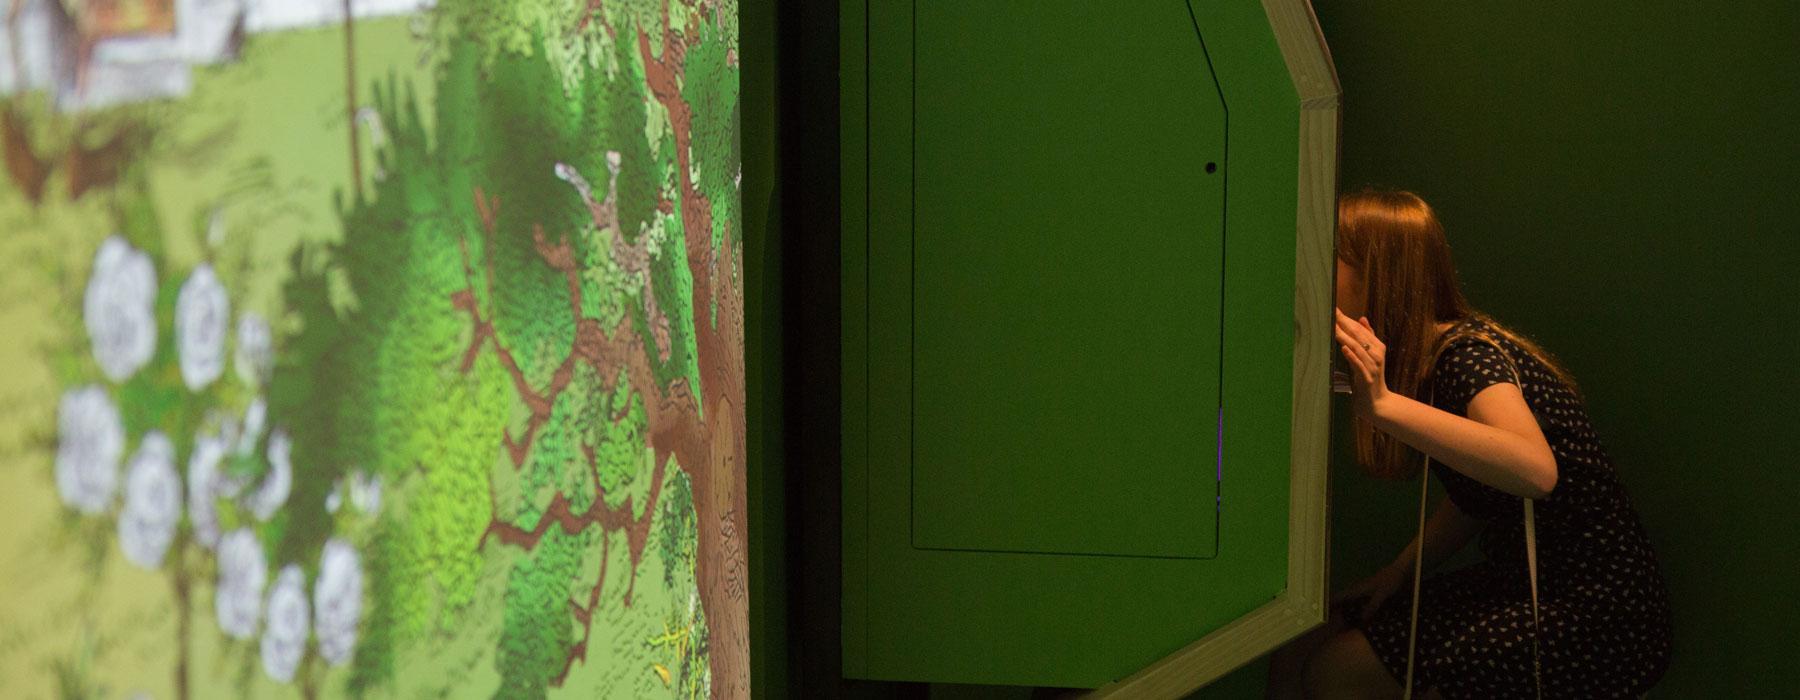 A girl looks through a door